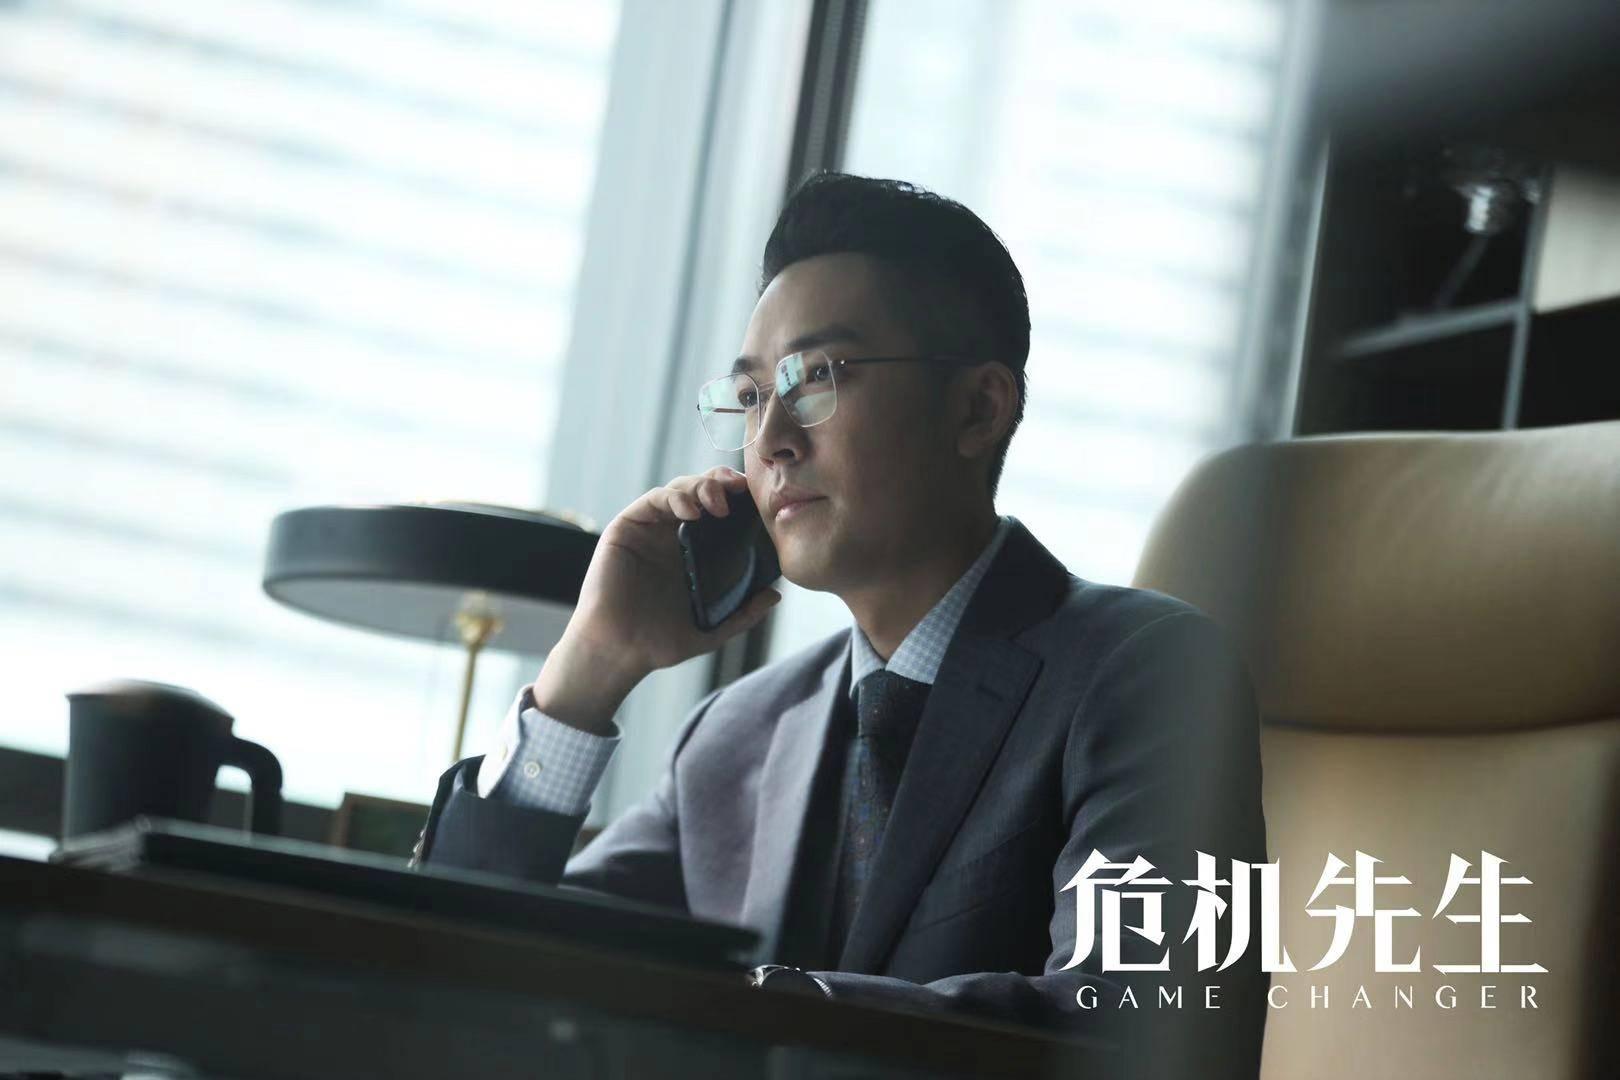 张博的《紧急公共关系》首映,反派吸引了人们的期待